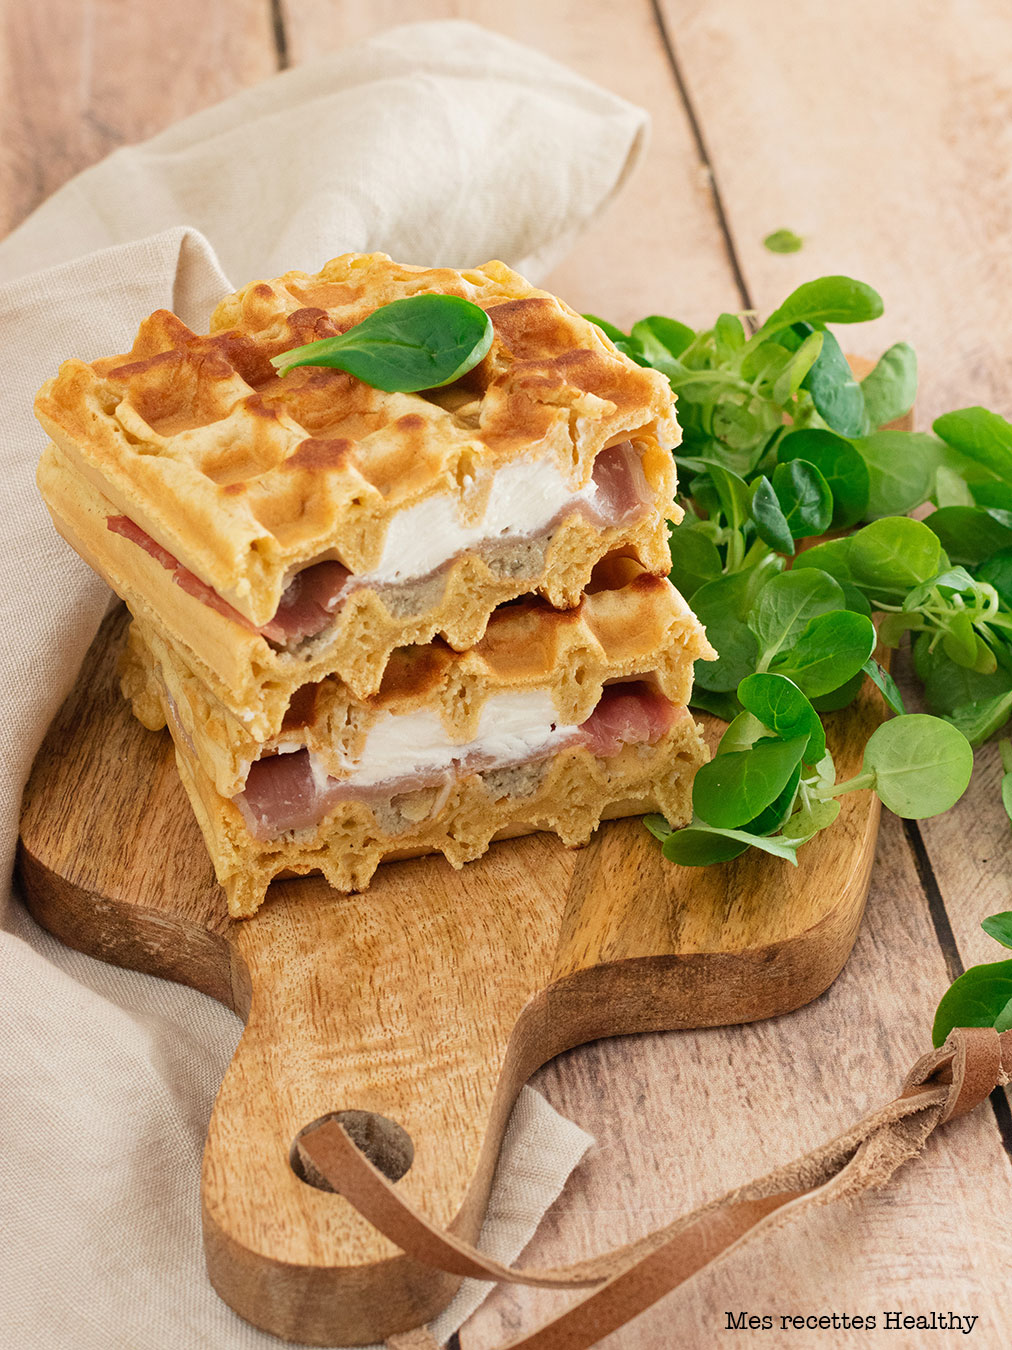 recette healthy-gaufre croque monsieur-fromage frais-